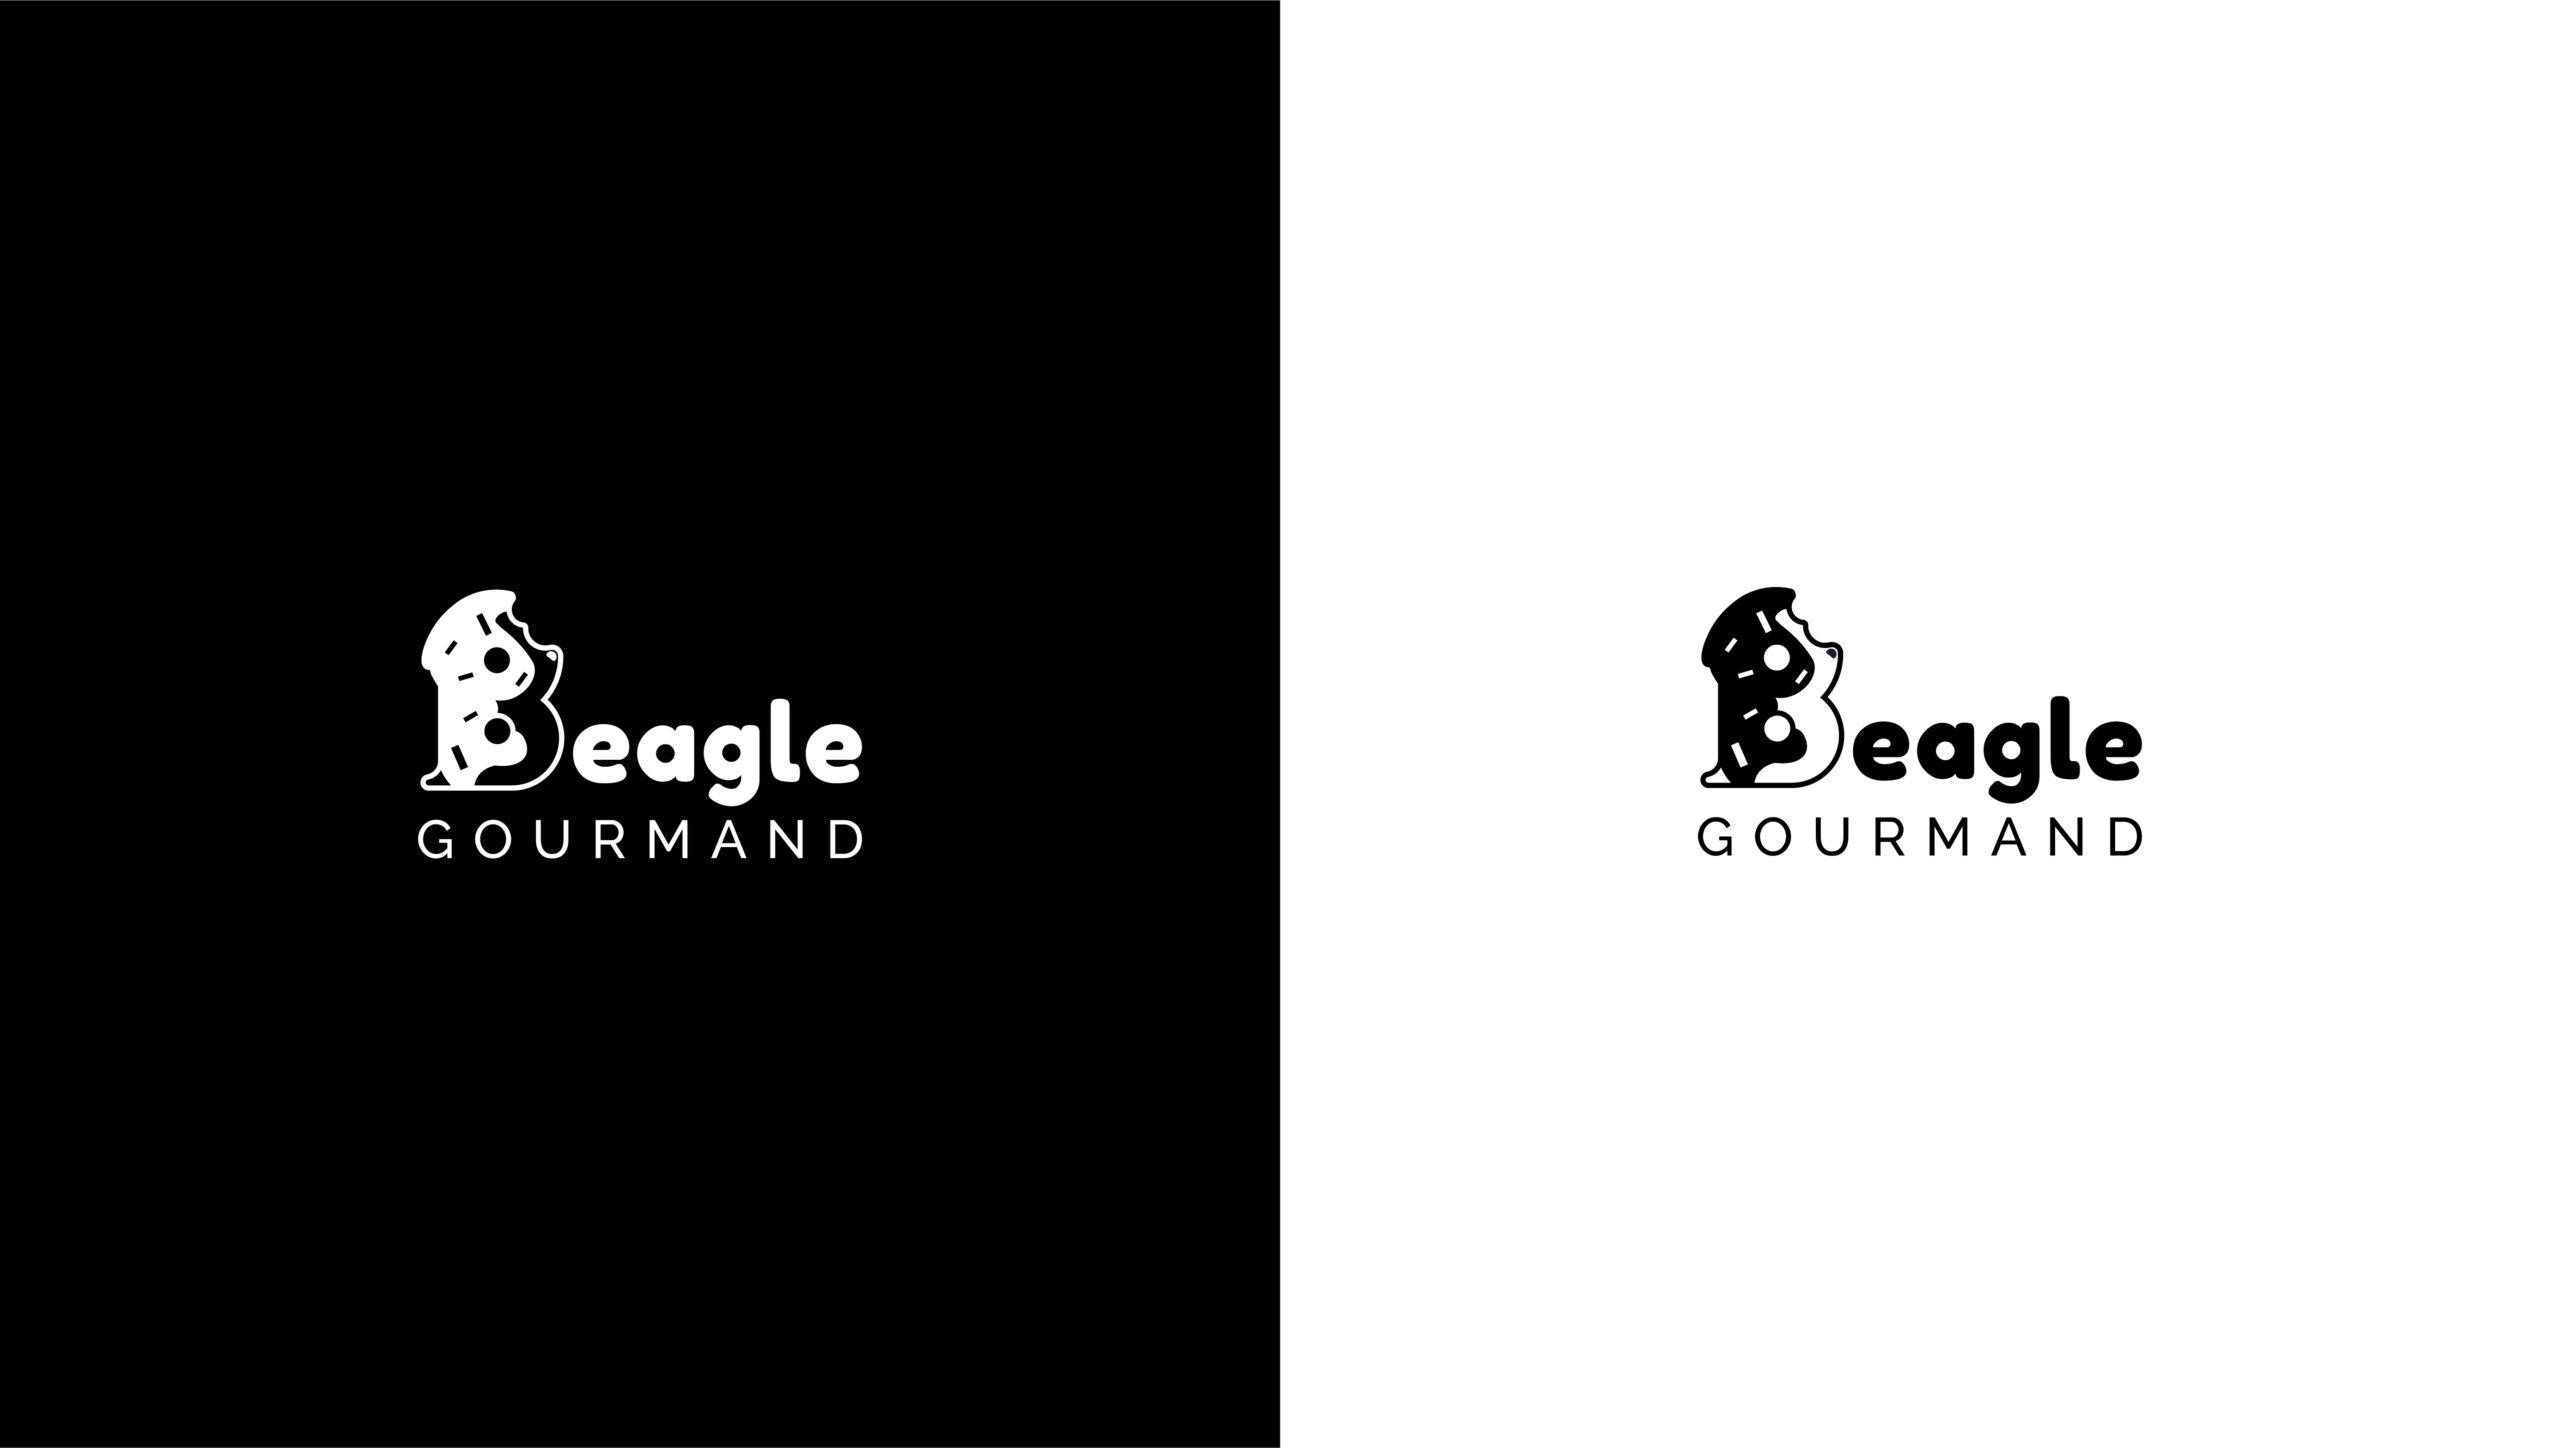 Mise_en_page_Beagle 2